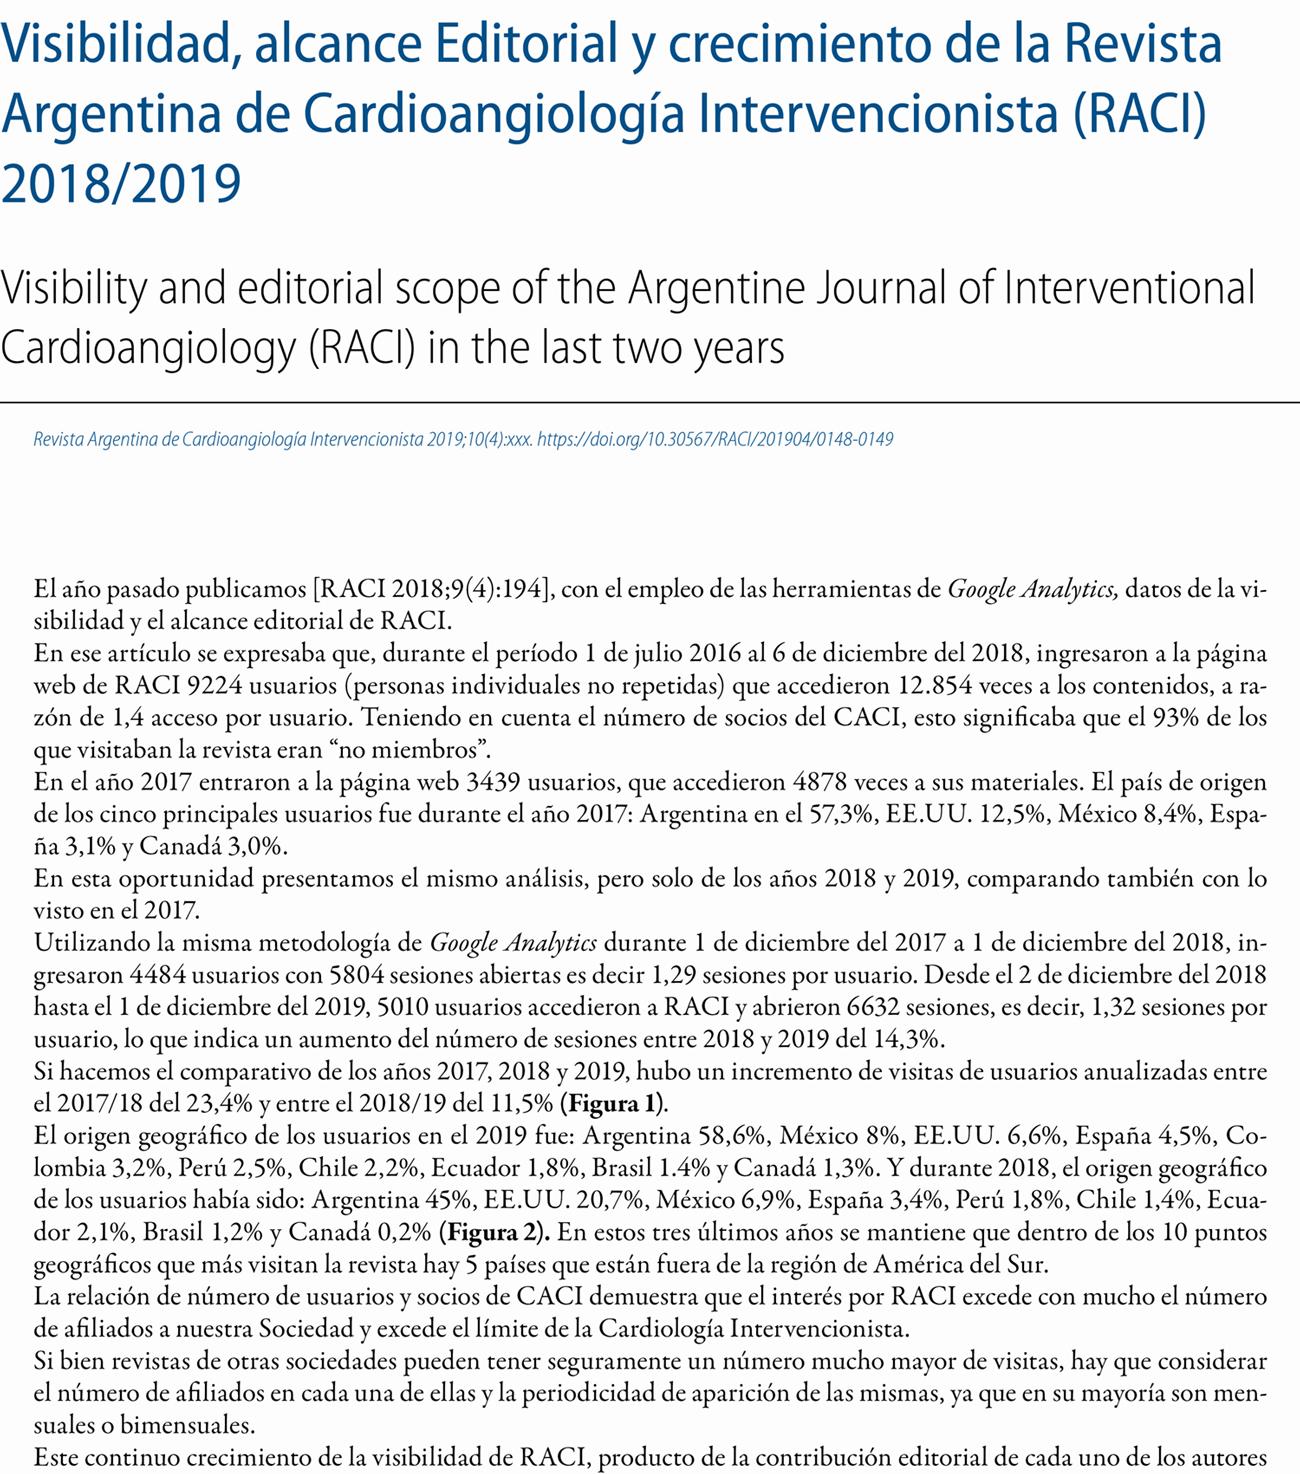 Visibilidad, alcance Editorial y crecimiento de la Revista Argentina de Cardioangiología Intervencionista (RACI) 2018/2019